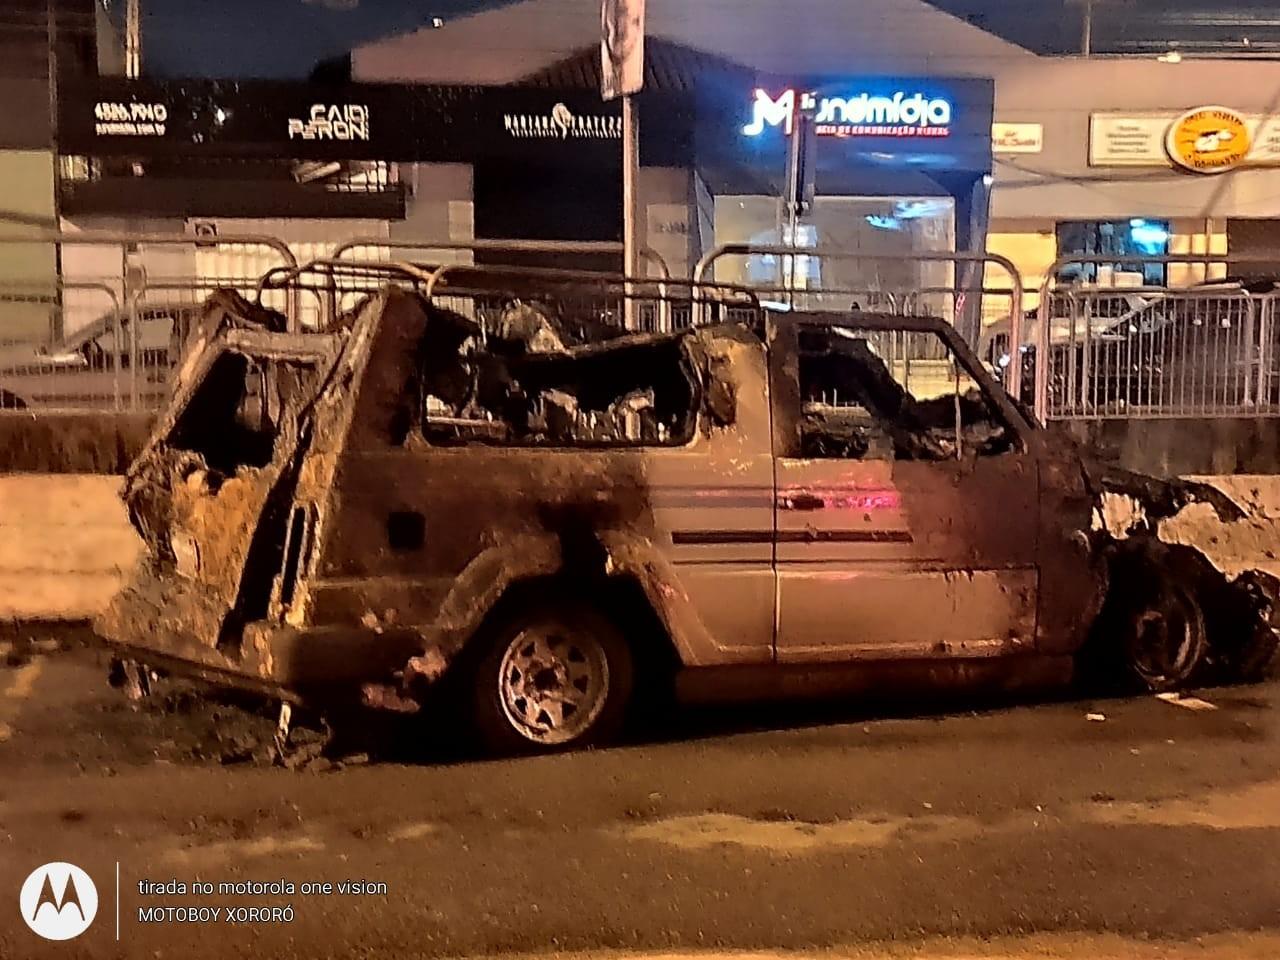 Carro pega fogo na Avenida Doutor Odil Campos Saes em Jundiaí